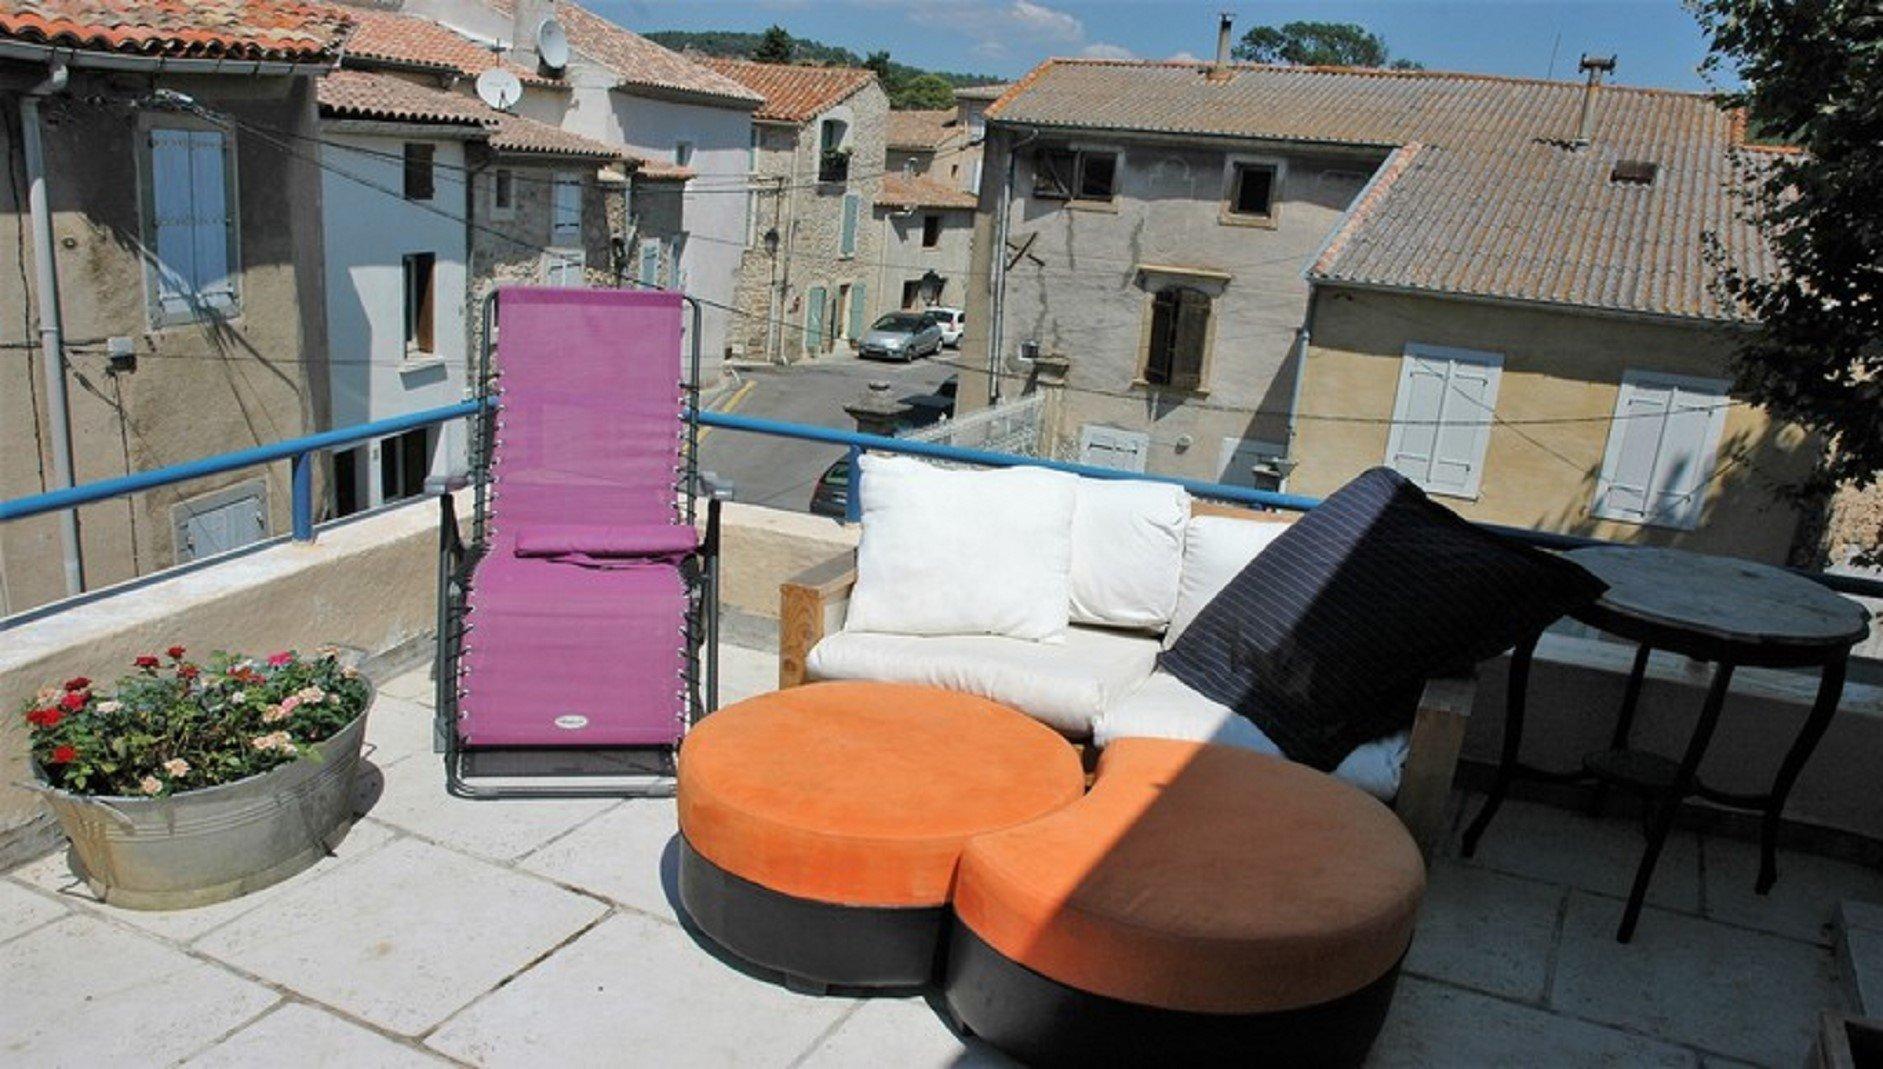 Charmante village house avec un jolie terrasse